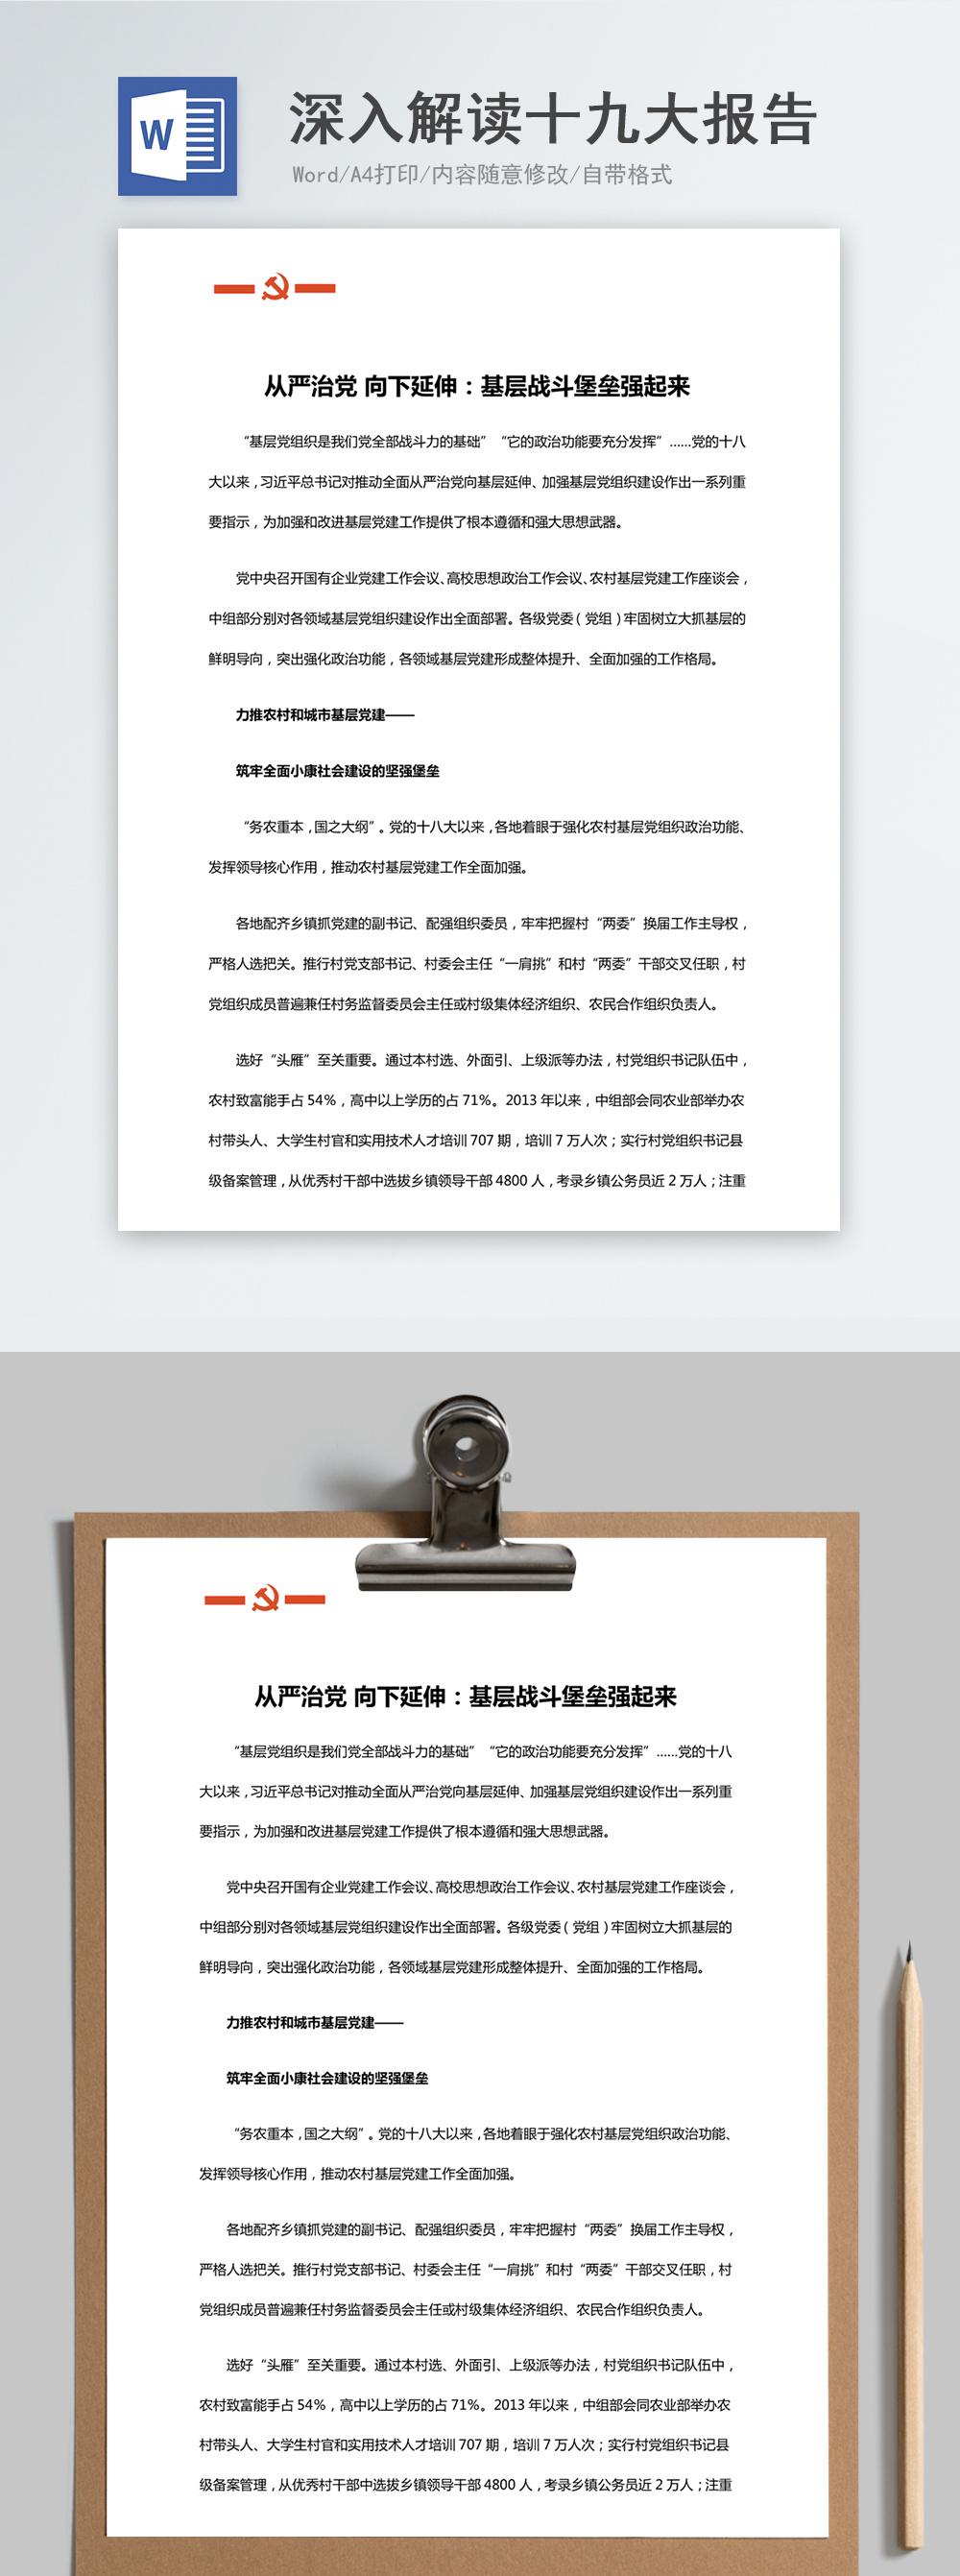 深入解读十九大报告word模板图片